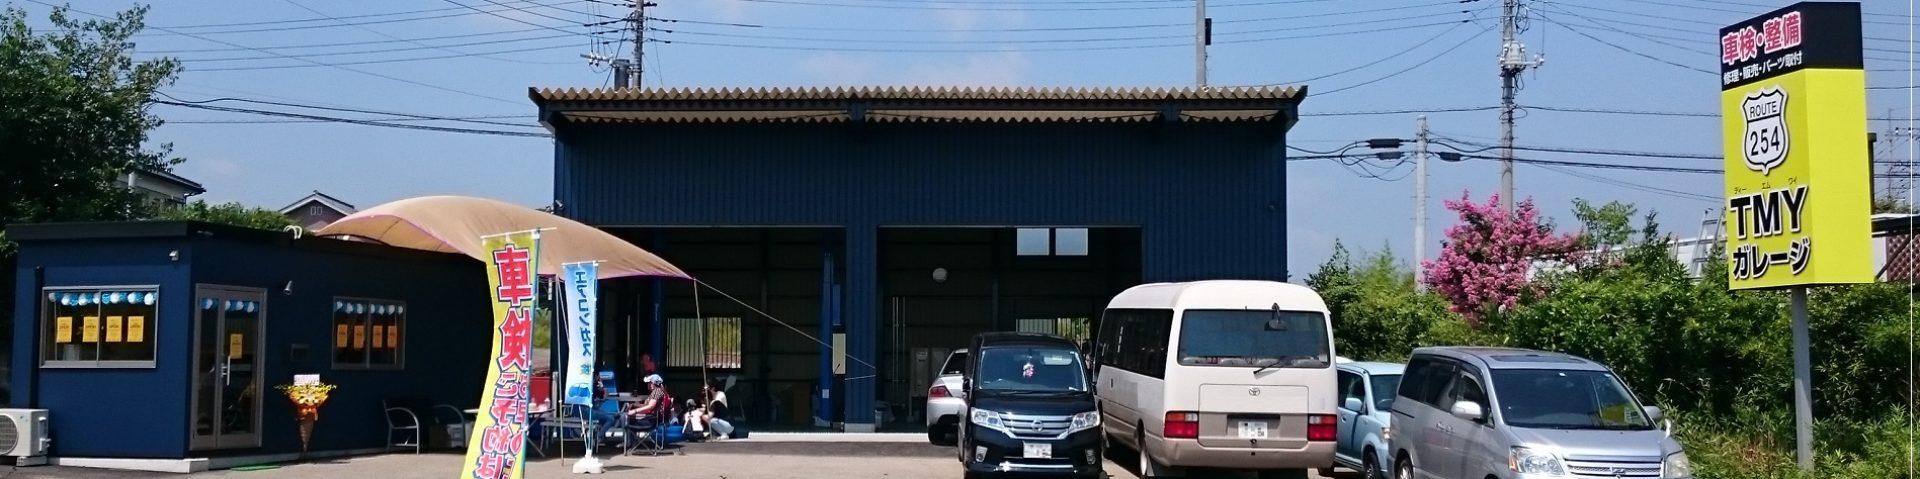 TMYガレージ